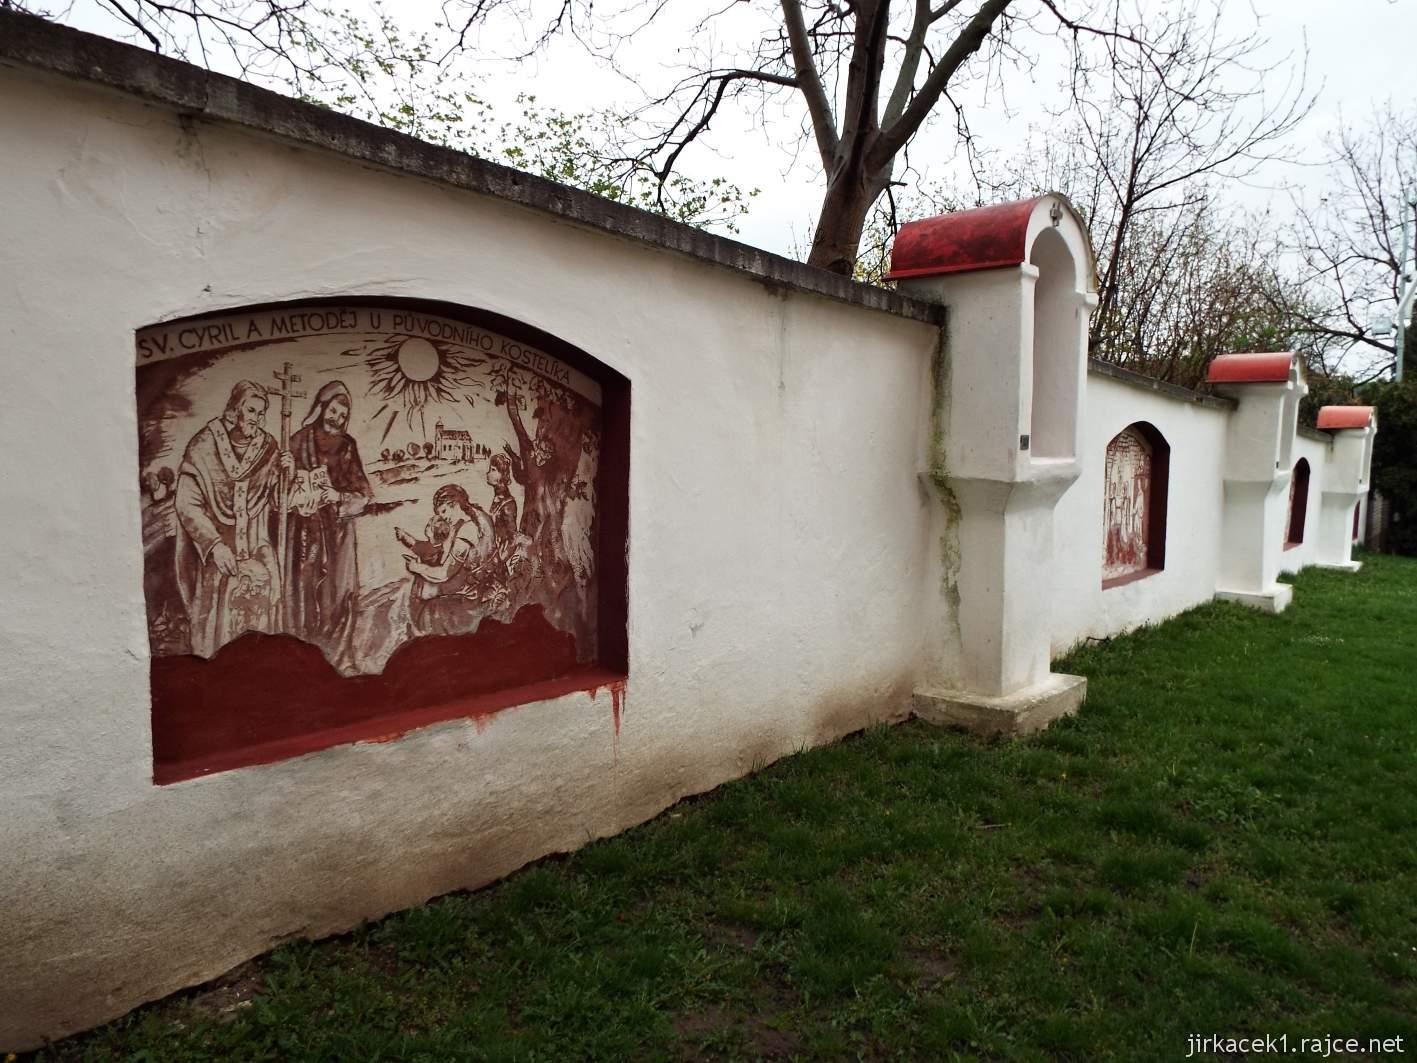 Žarošice - Kostel sv. Anny - mozaiková Křížová cesta a Figurální sgrafita na zdech za kostelem